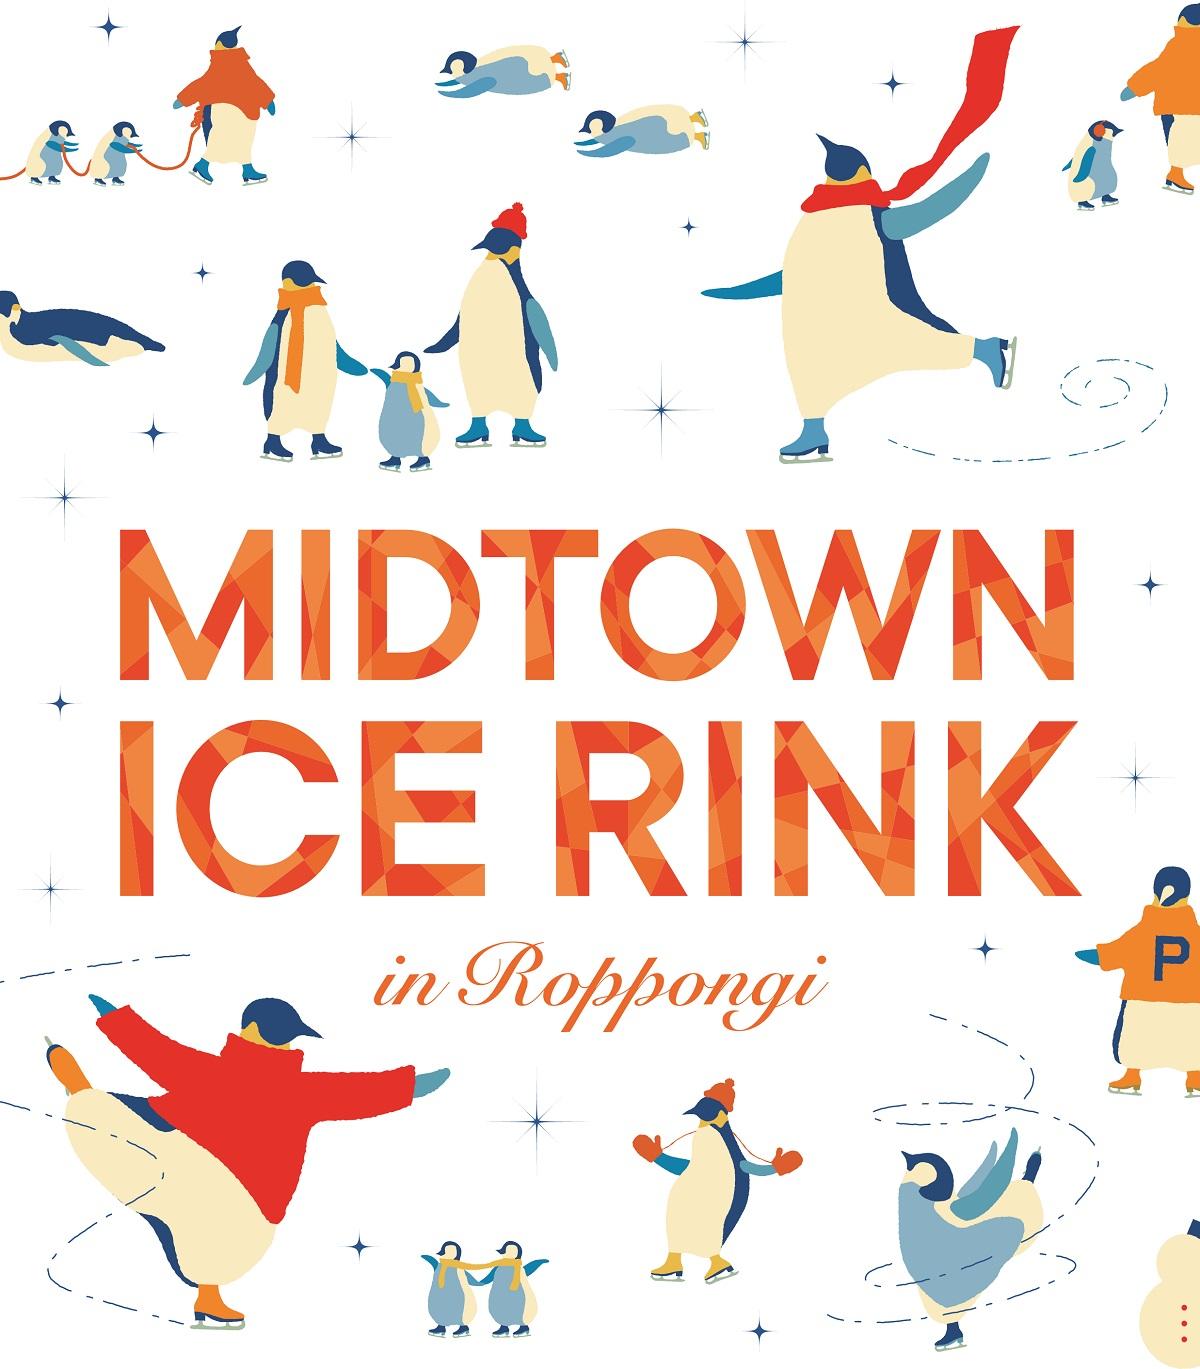 〈東京ミッドタウン〉都心で本物の氷の上を滑ろう「MIDTOWN ICE RINK in Roppongi」開催!